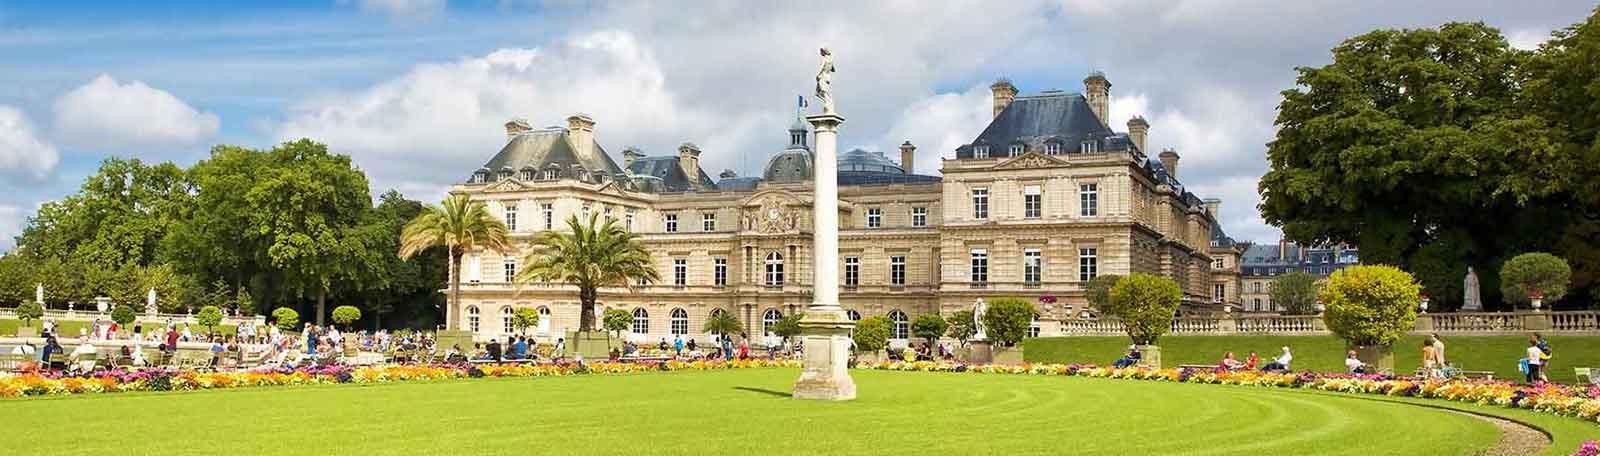 Parking jardin du luxembourg stationner paris q park for Jardin luxembourg horaires